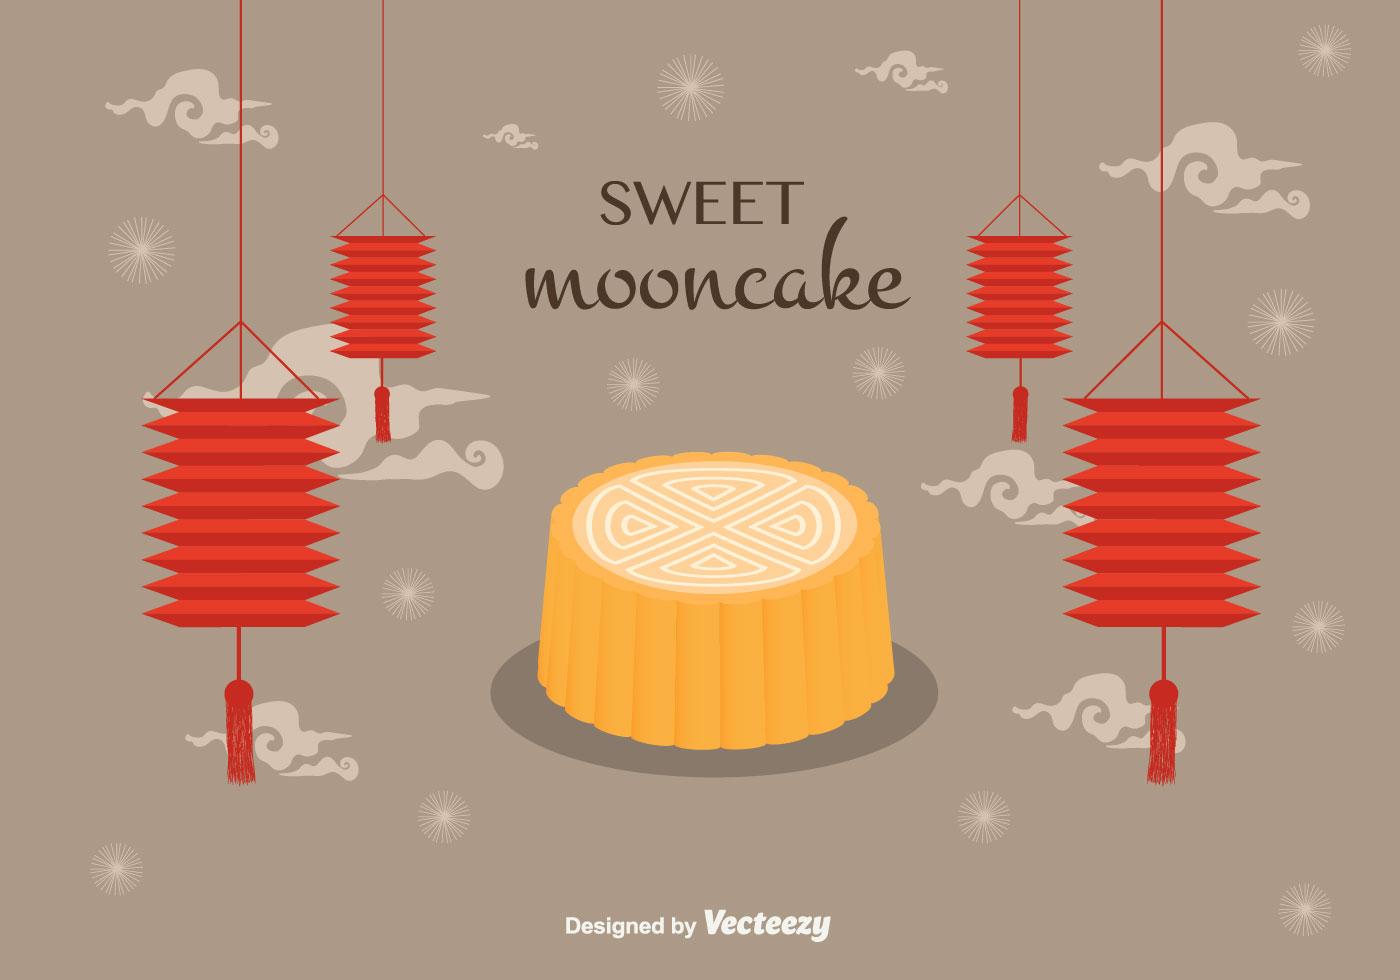 Mooncake Vector Background Download Free Vector Art